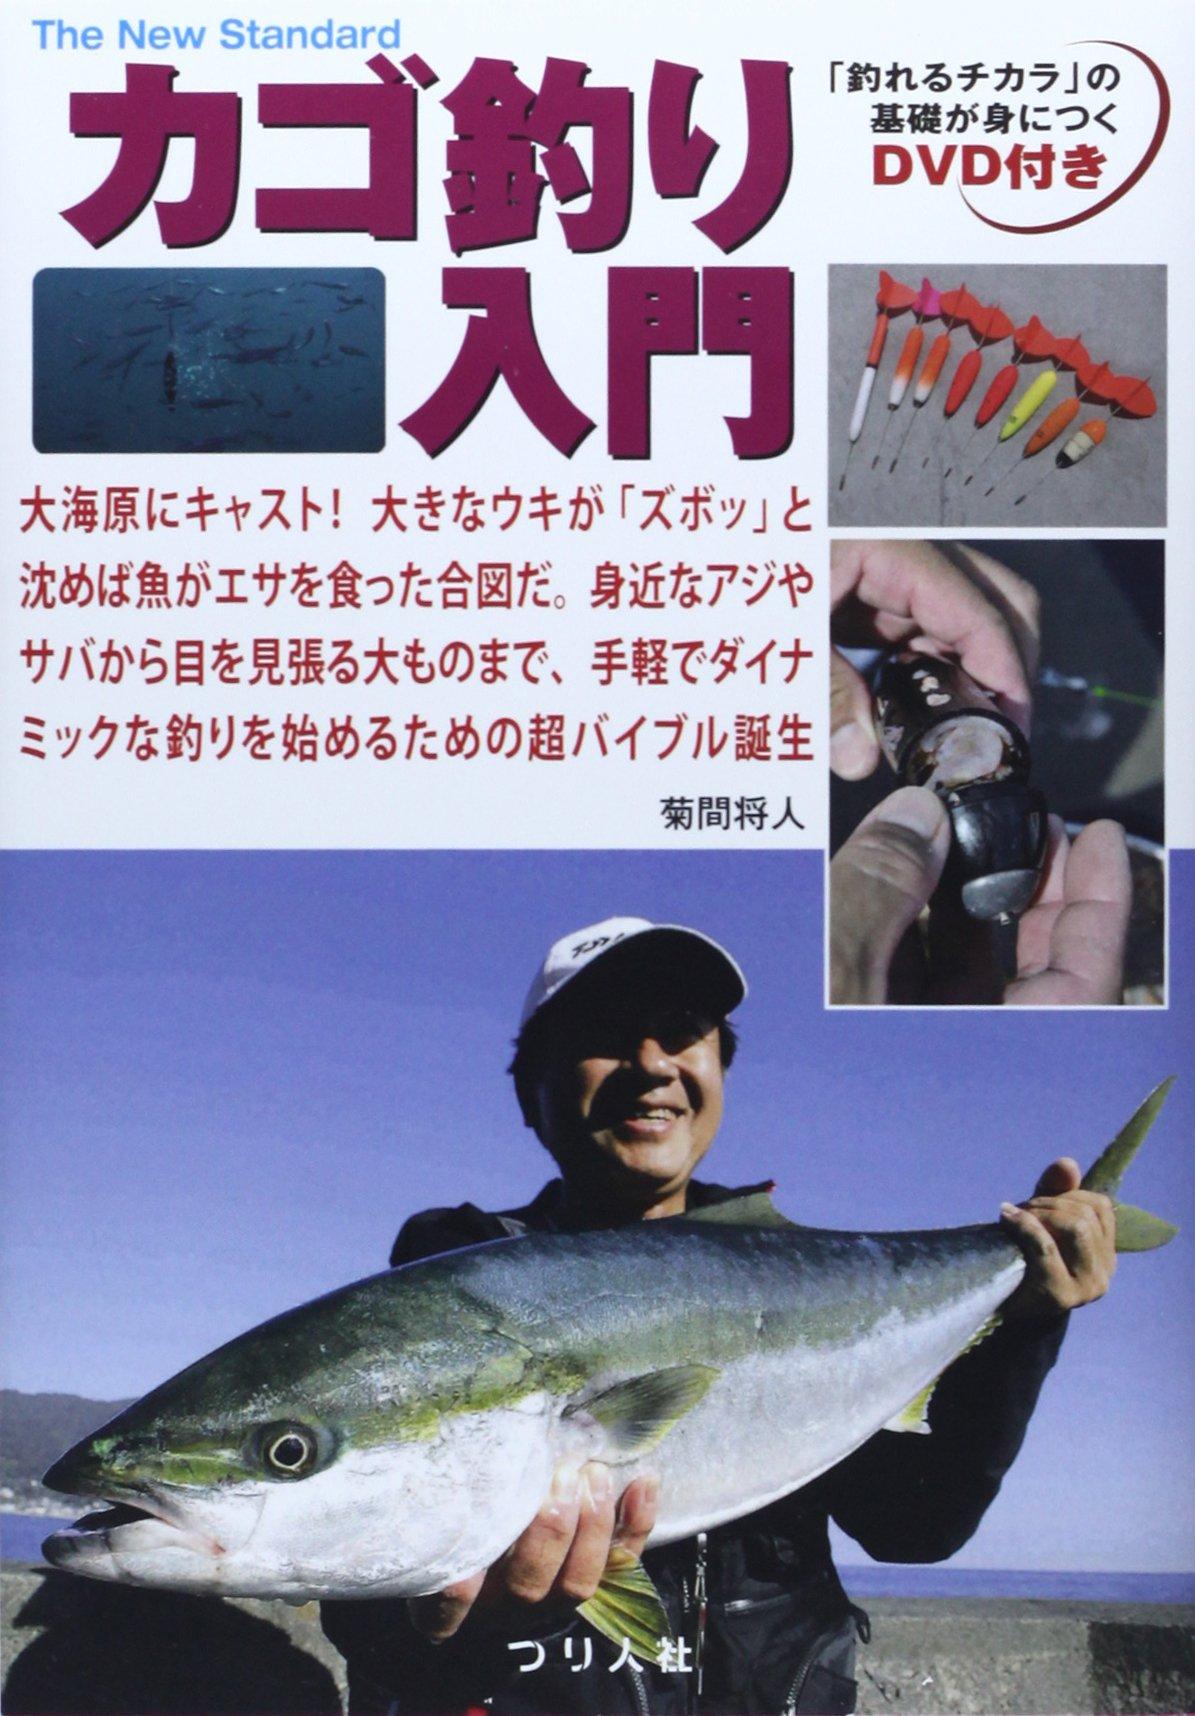 『カゴ釣り入門 「釣れるチカラ」の基礎が身につくDVD付き』(つり人社)